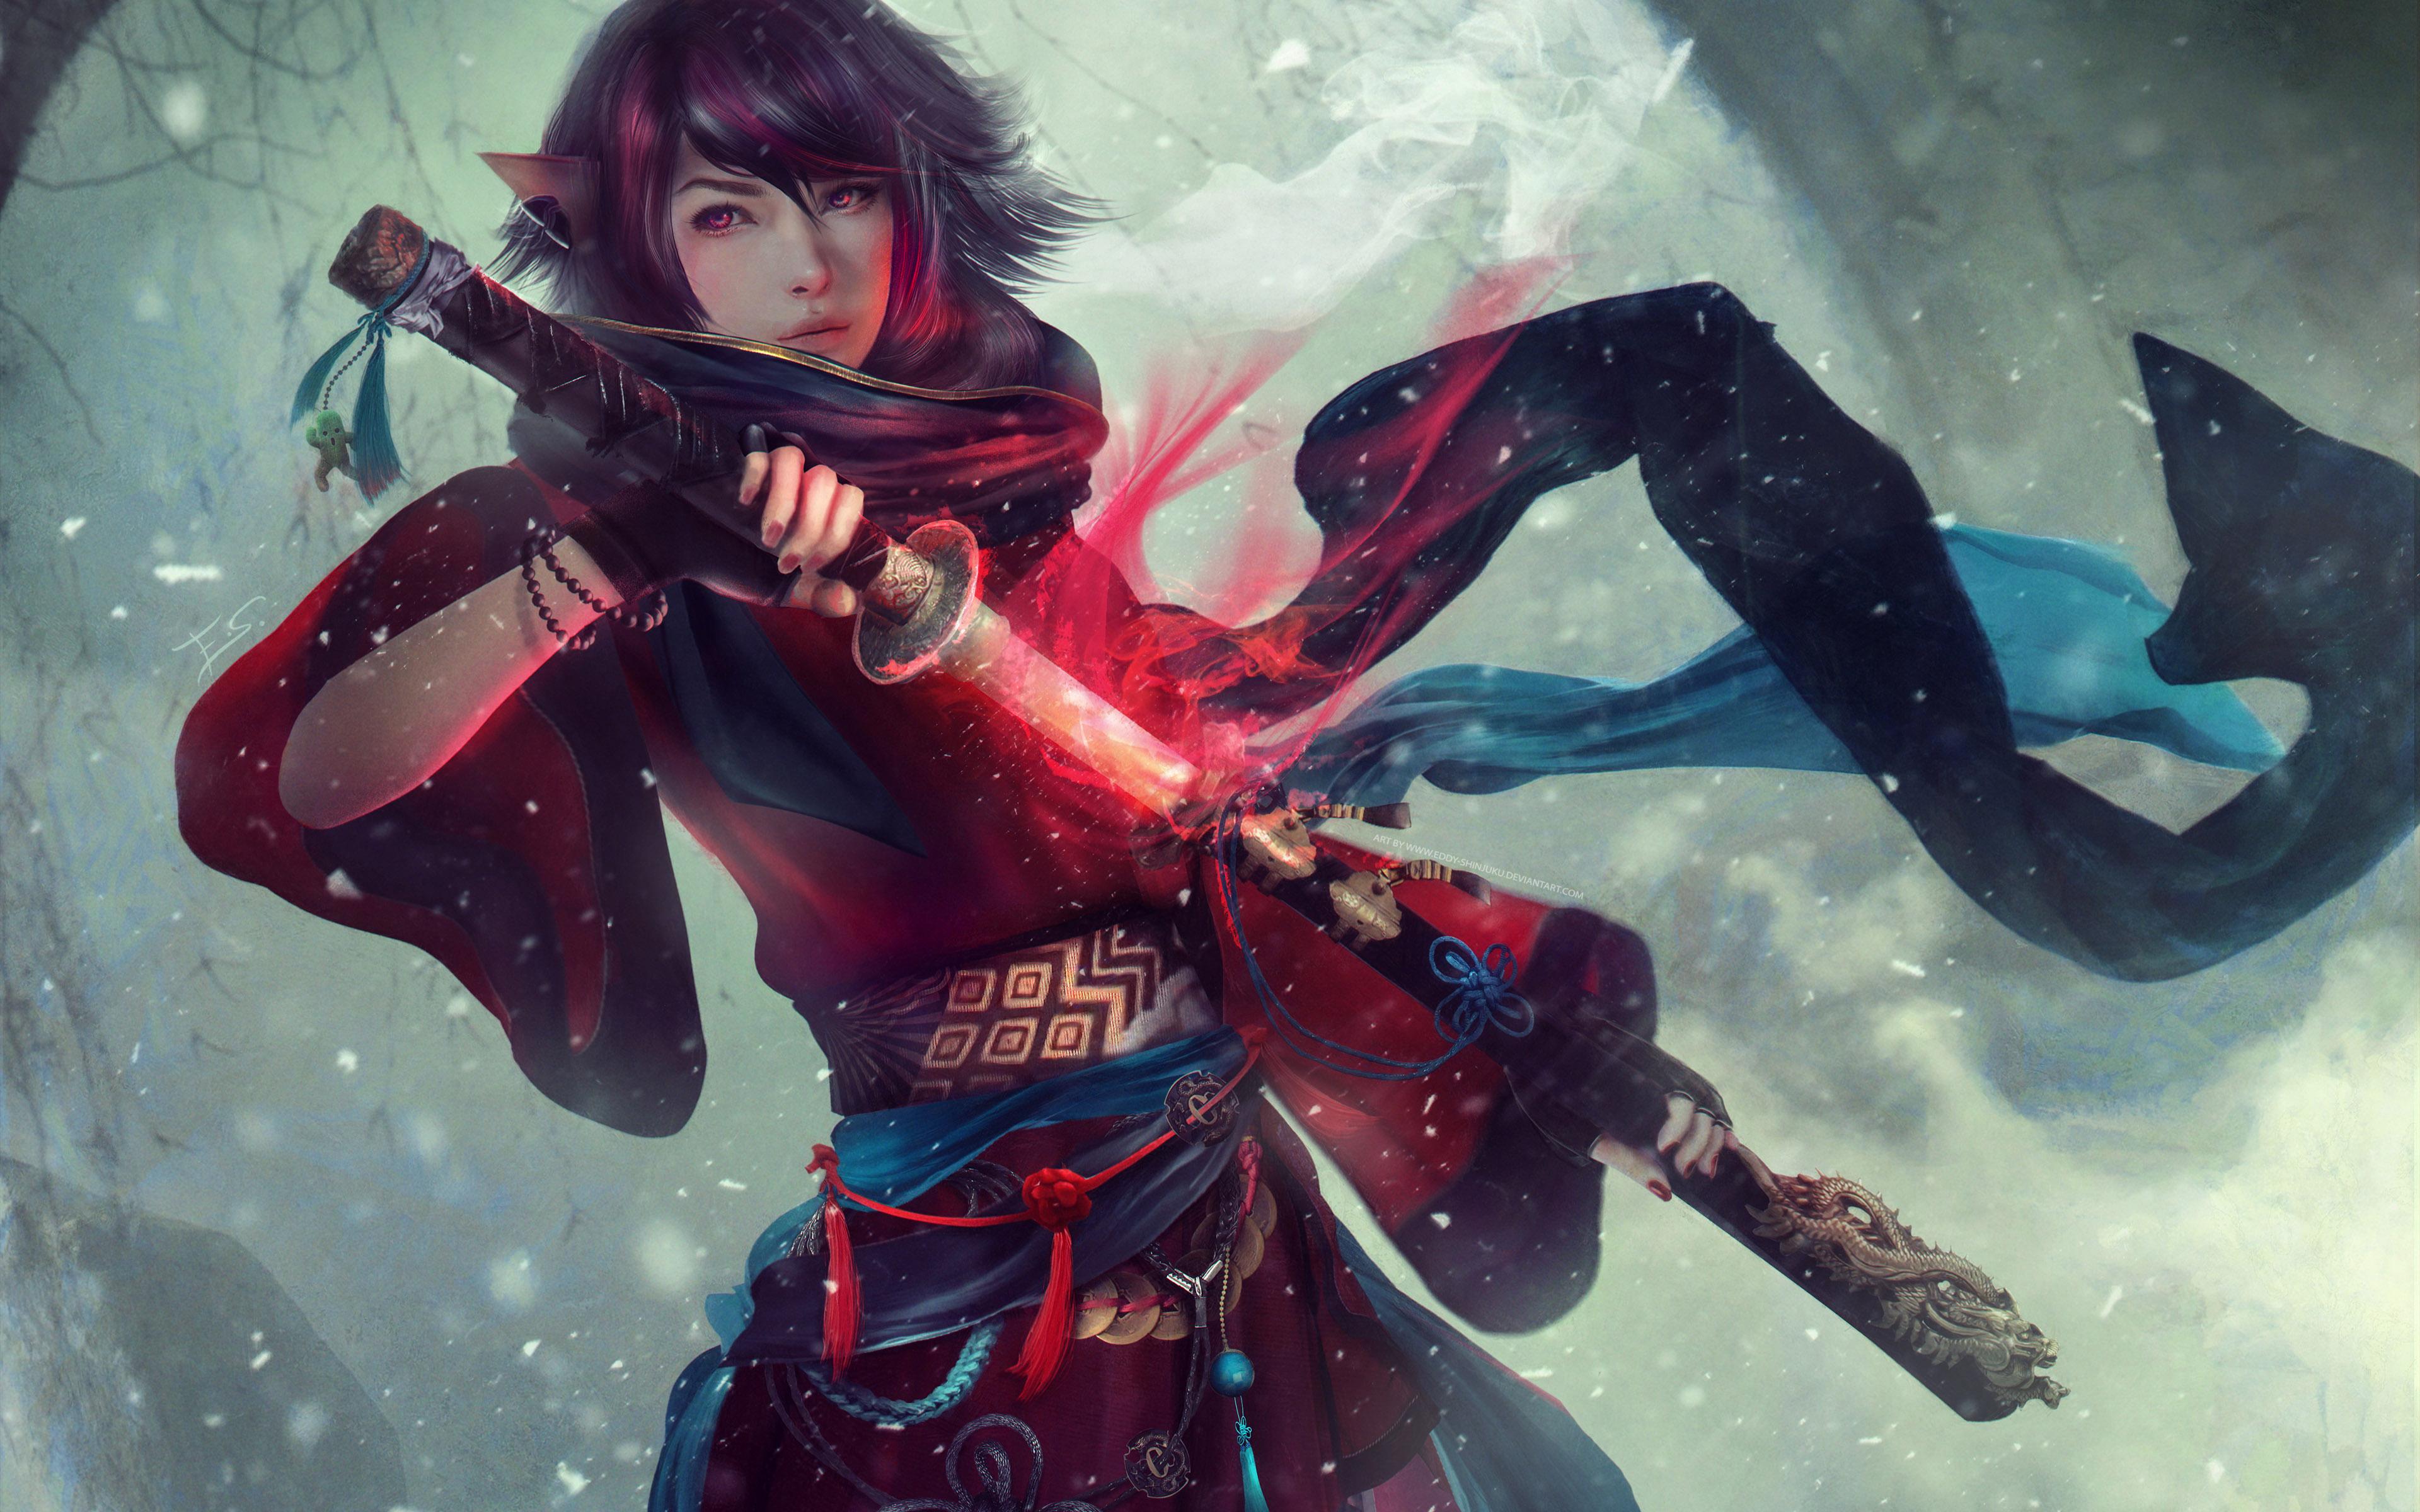 Final Fantasy Original Character 4k, HD Games, 4k ...